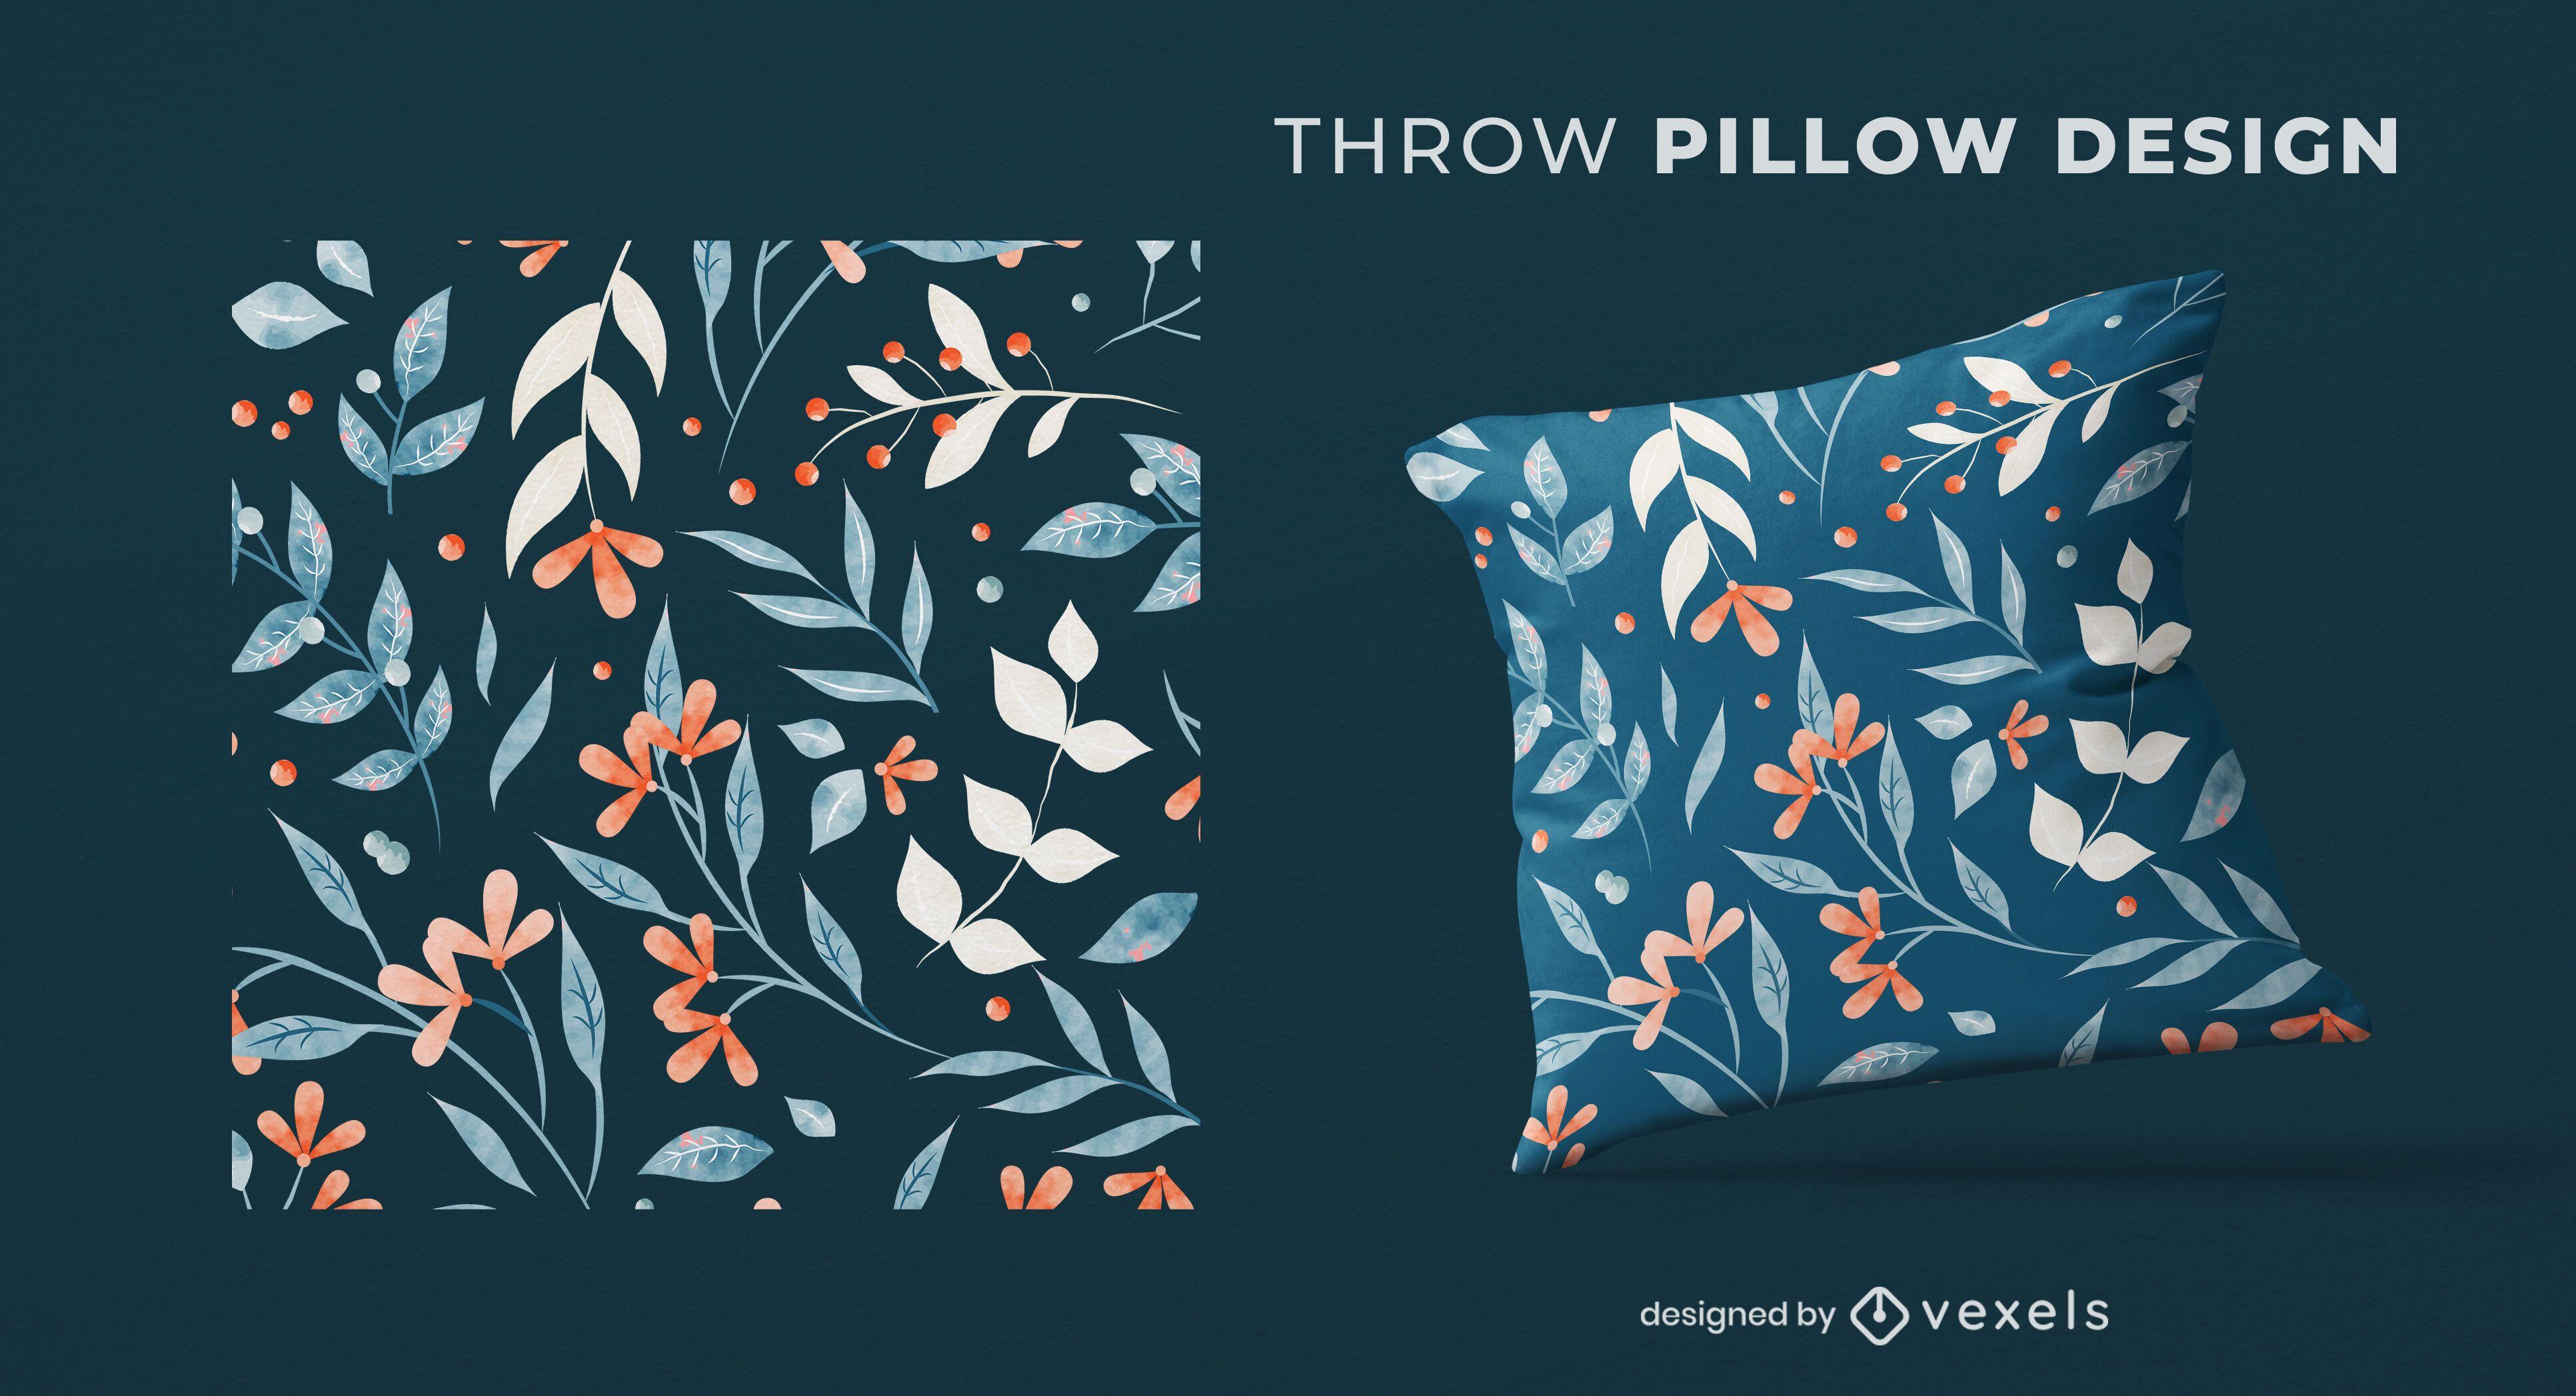 Diseño de almohada de tiro de ramitas florales